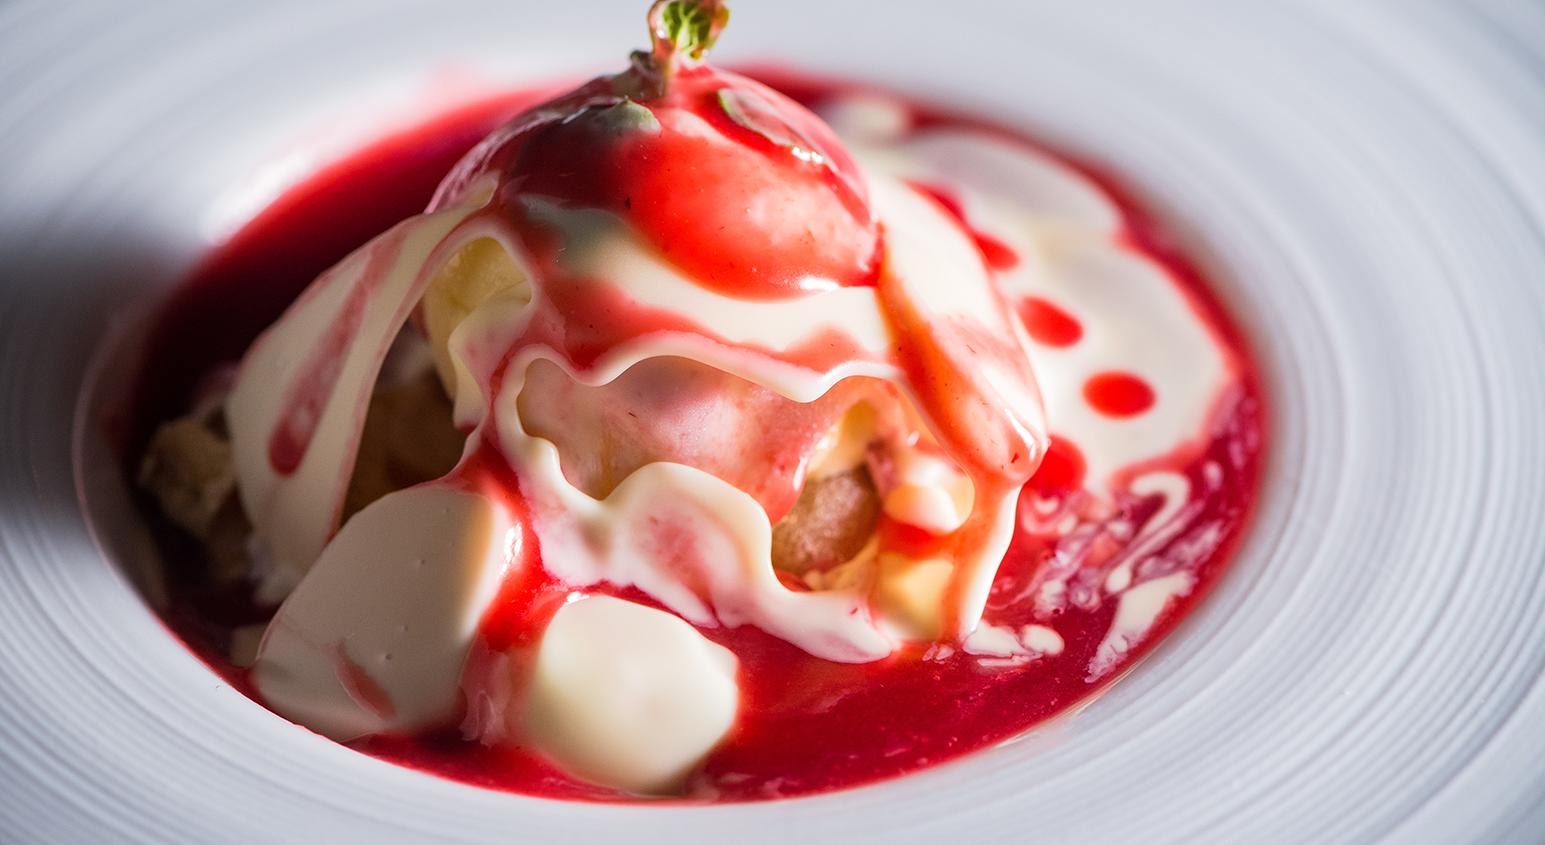 ホワイトチョコドームと冷菓子に温フランボワーズソース | 愛媛県松山市の結婚式場ベルフォーレ松山